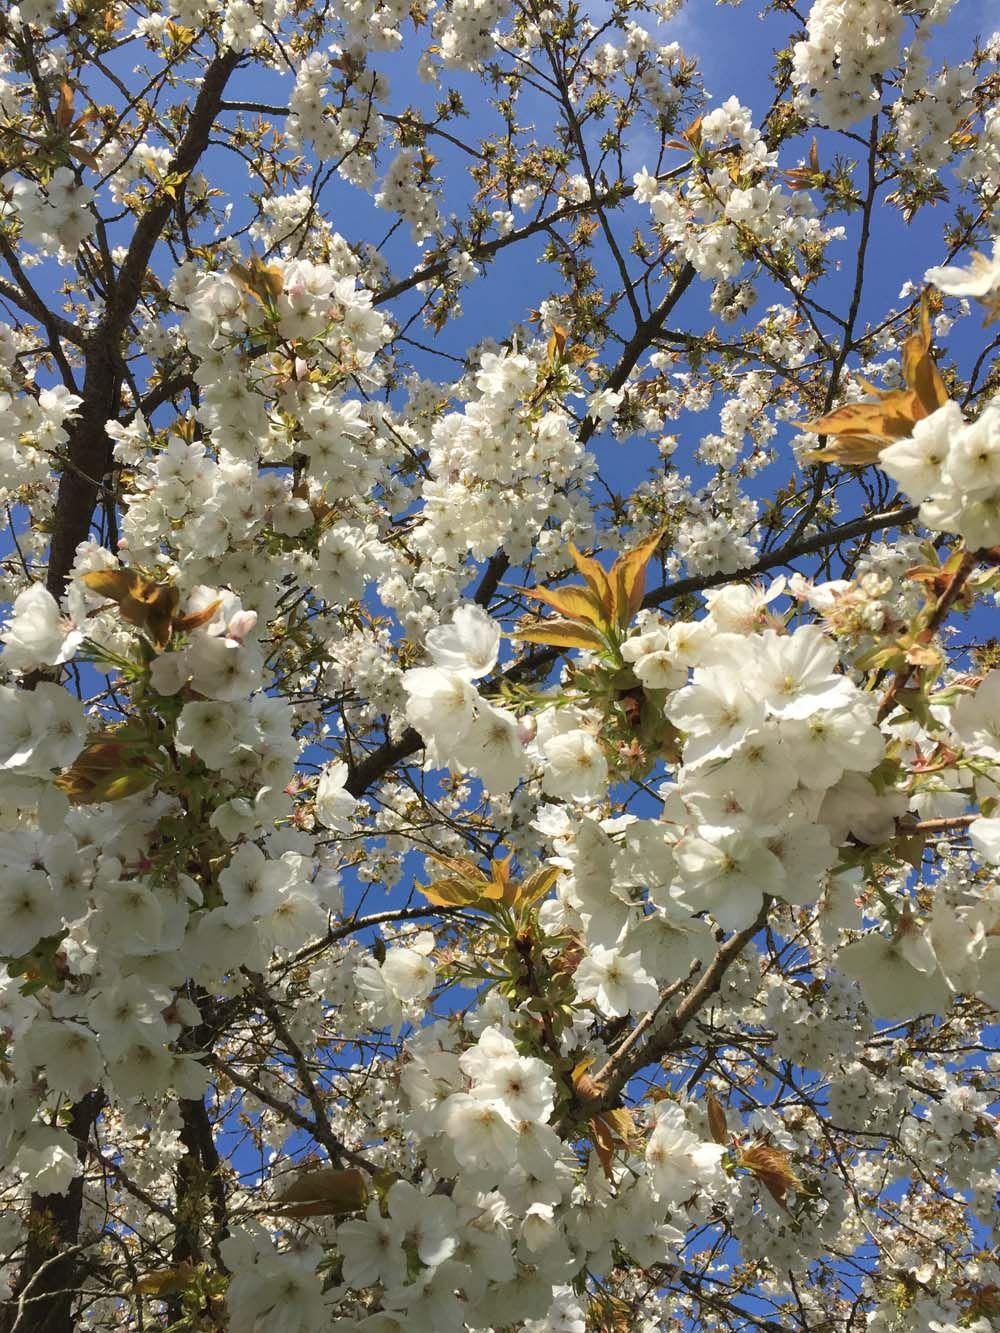 White Cherry Blossom Prunus Yedoensis Oc 1000 X 1333 Chesham Buckinghamshire England White Cherry Blossom White Cherries Plant Fungus